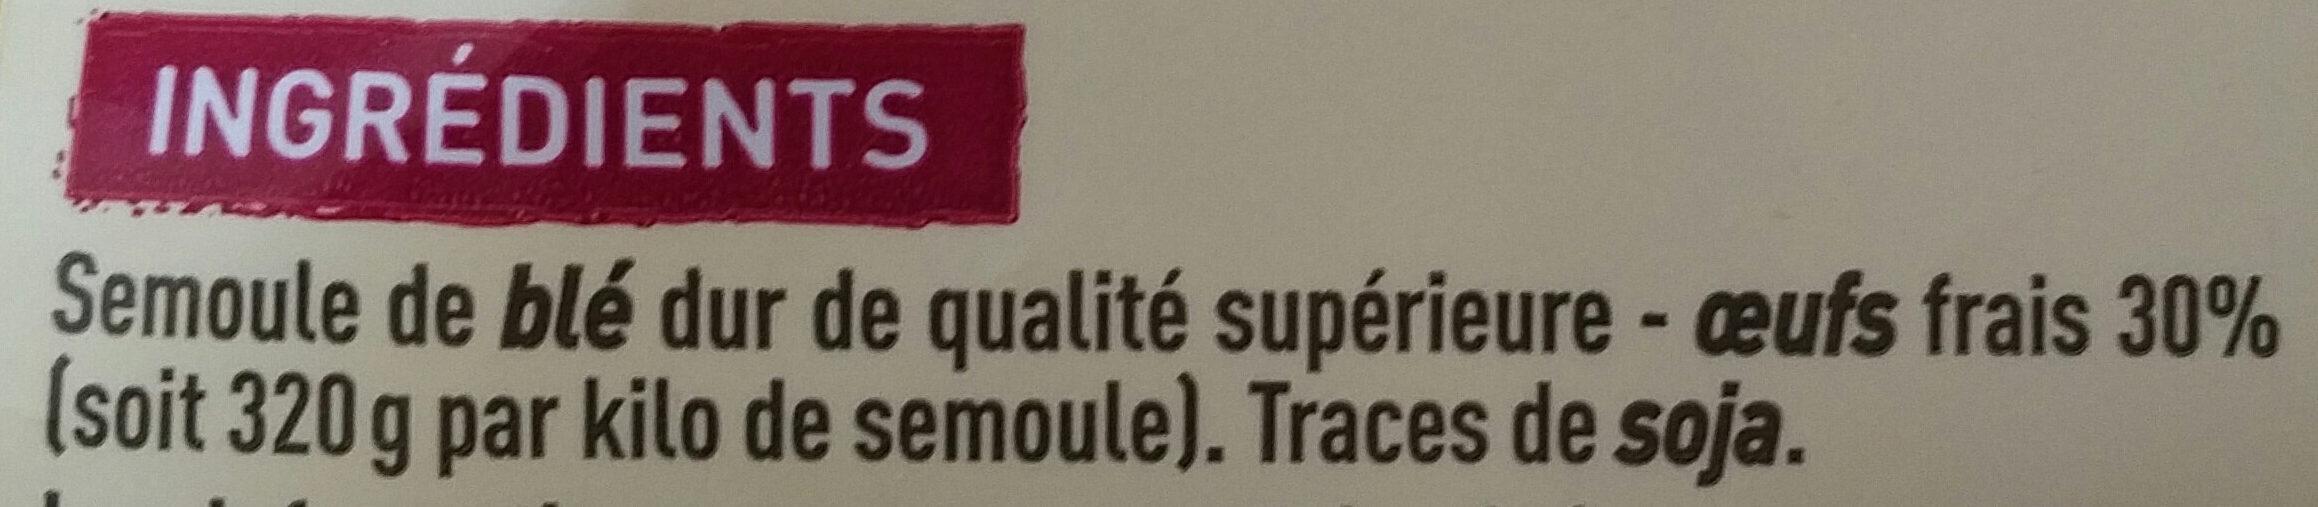 Spaetzle aux 7 oeufs - Ingrédients